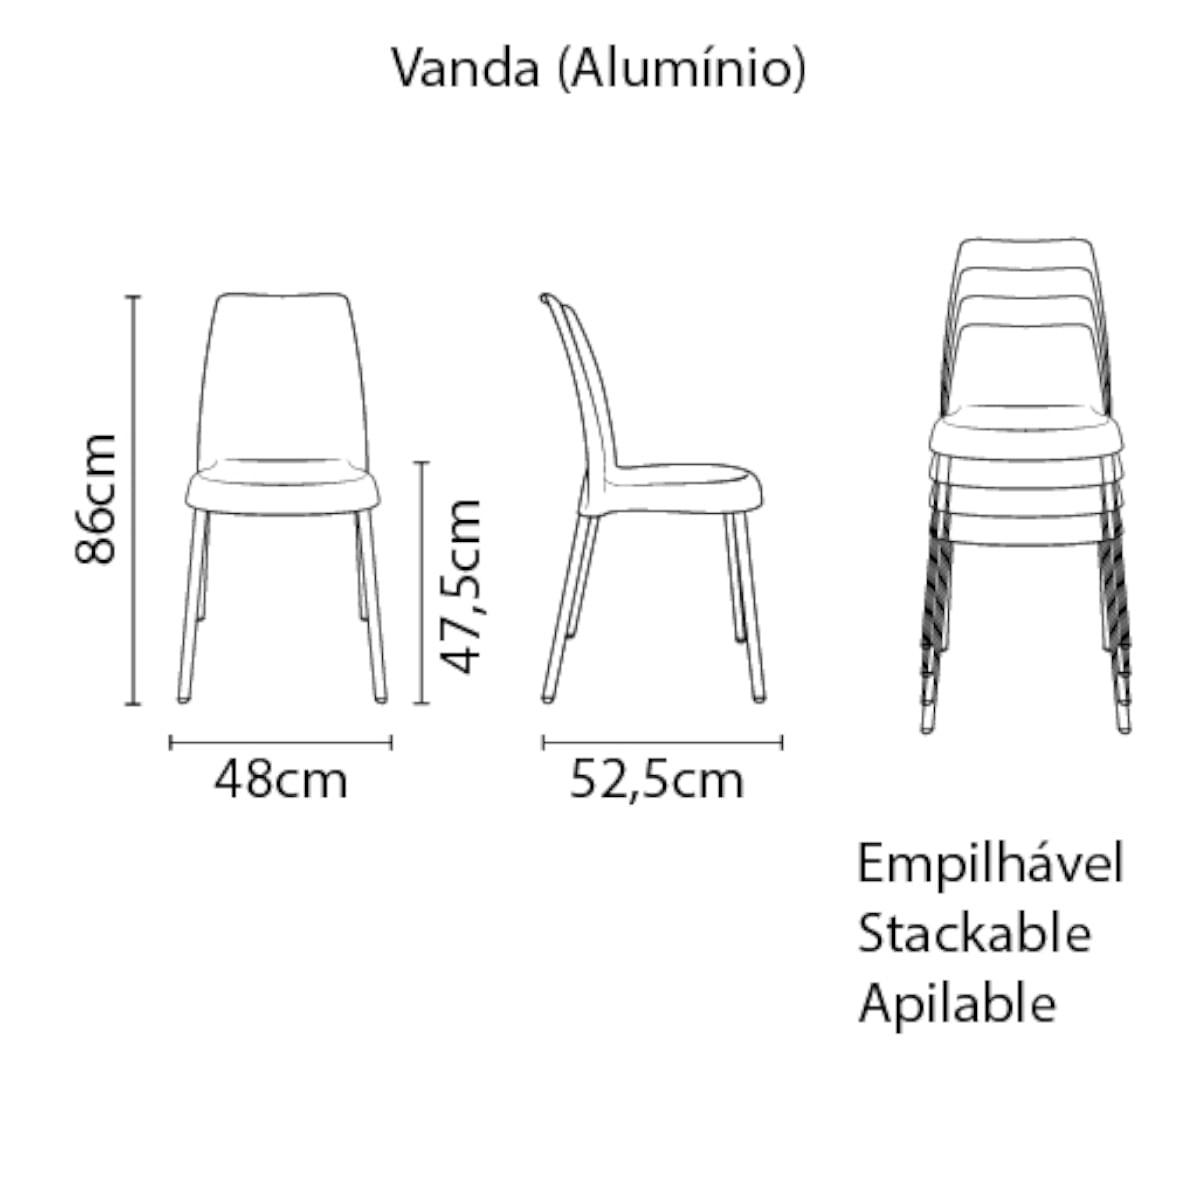 Cadeira Tramontina Vanda Marrom em Polipropileno com Pernas Anodizadas